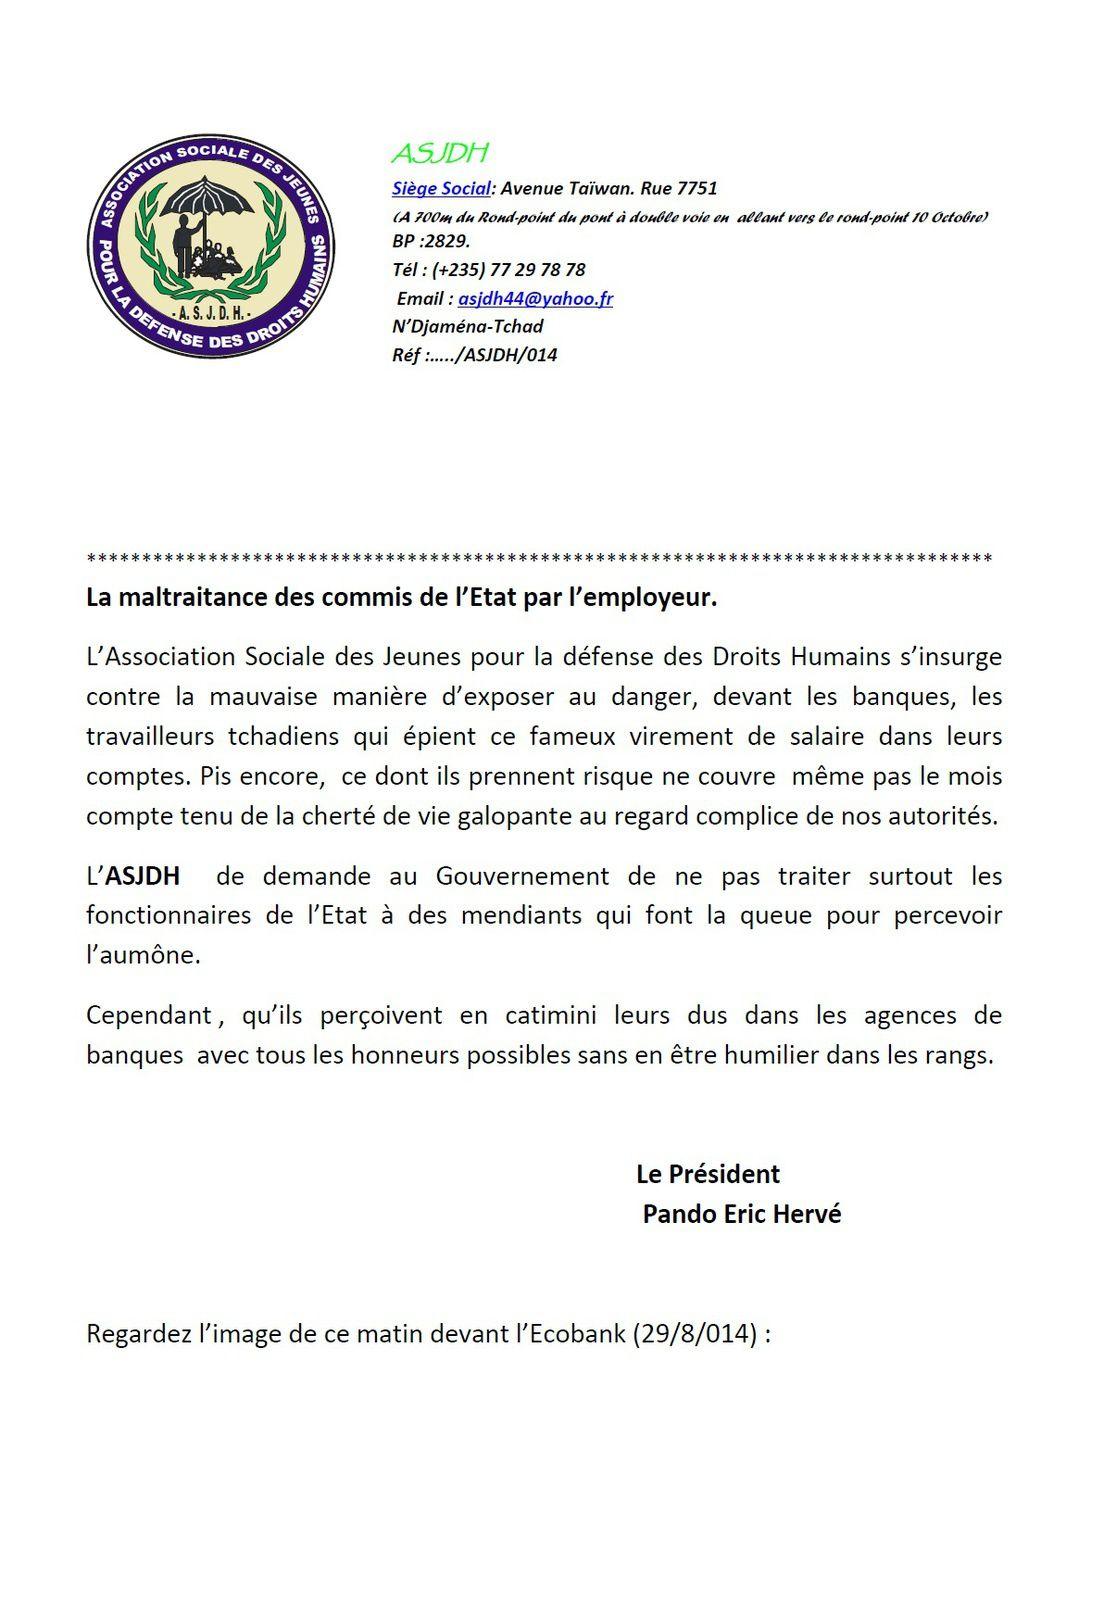 Tchad: l'ASJDH s'insurge contre la maltraitance des commis de l'Etat par l'employeur